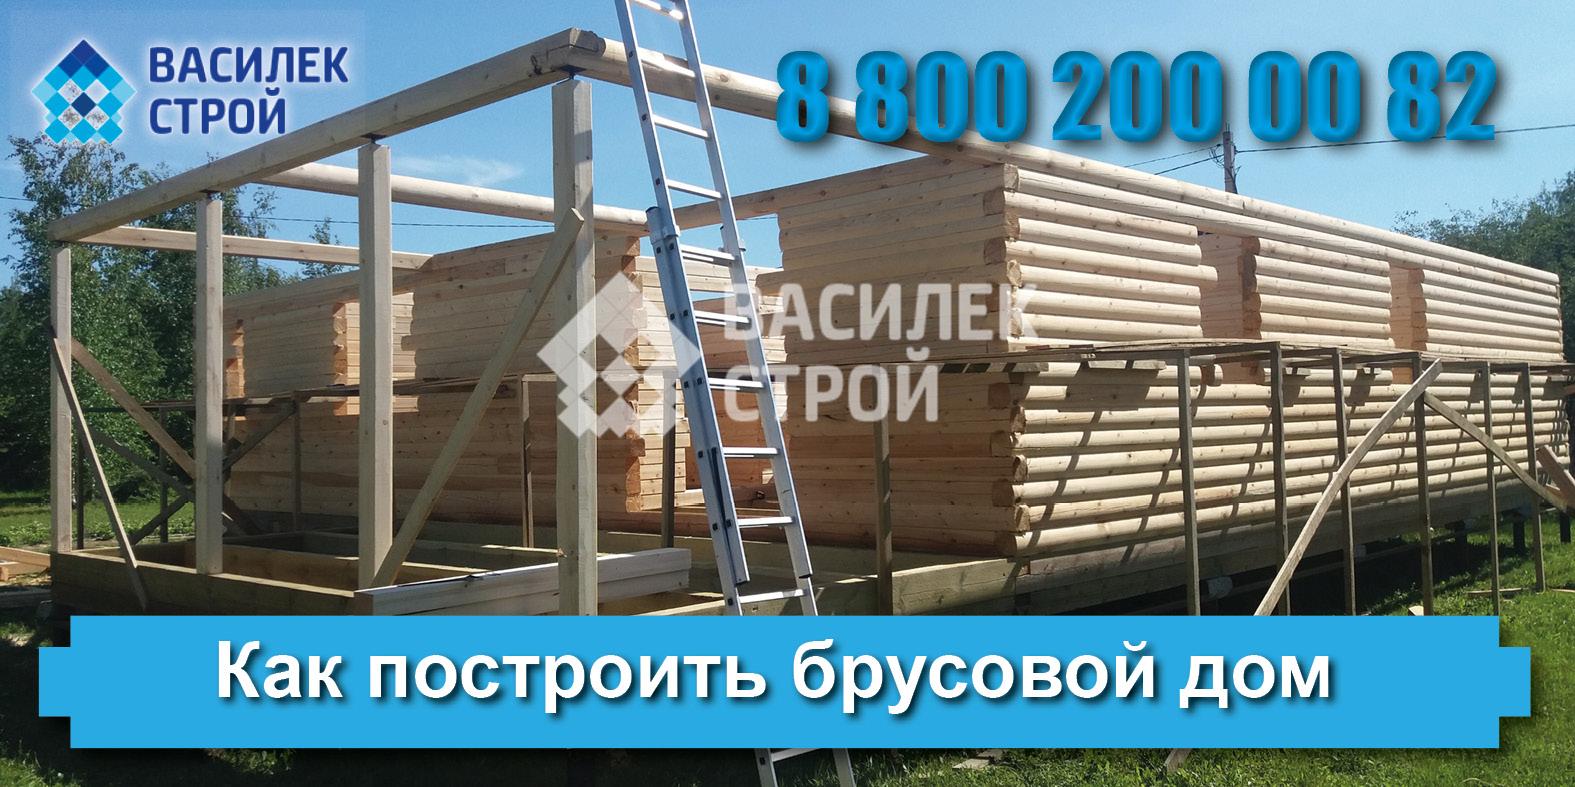 Как построить брусовой дом: технология строительства и сборка брусового дома под ключ